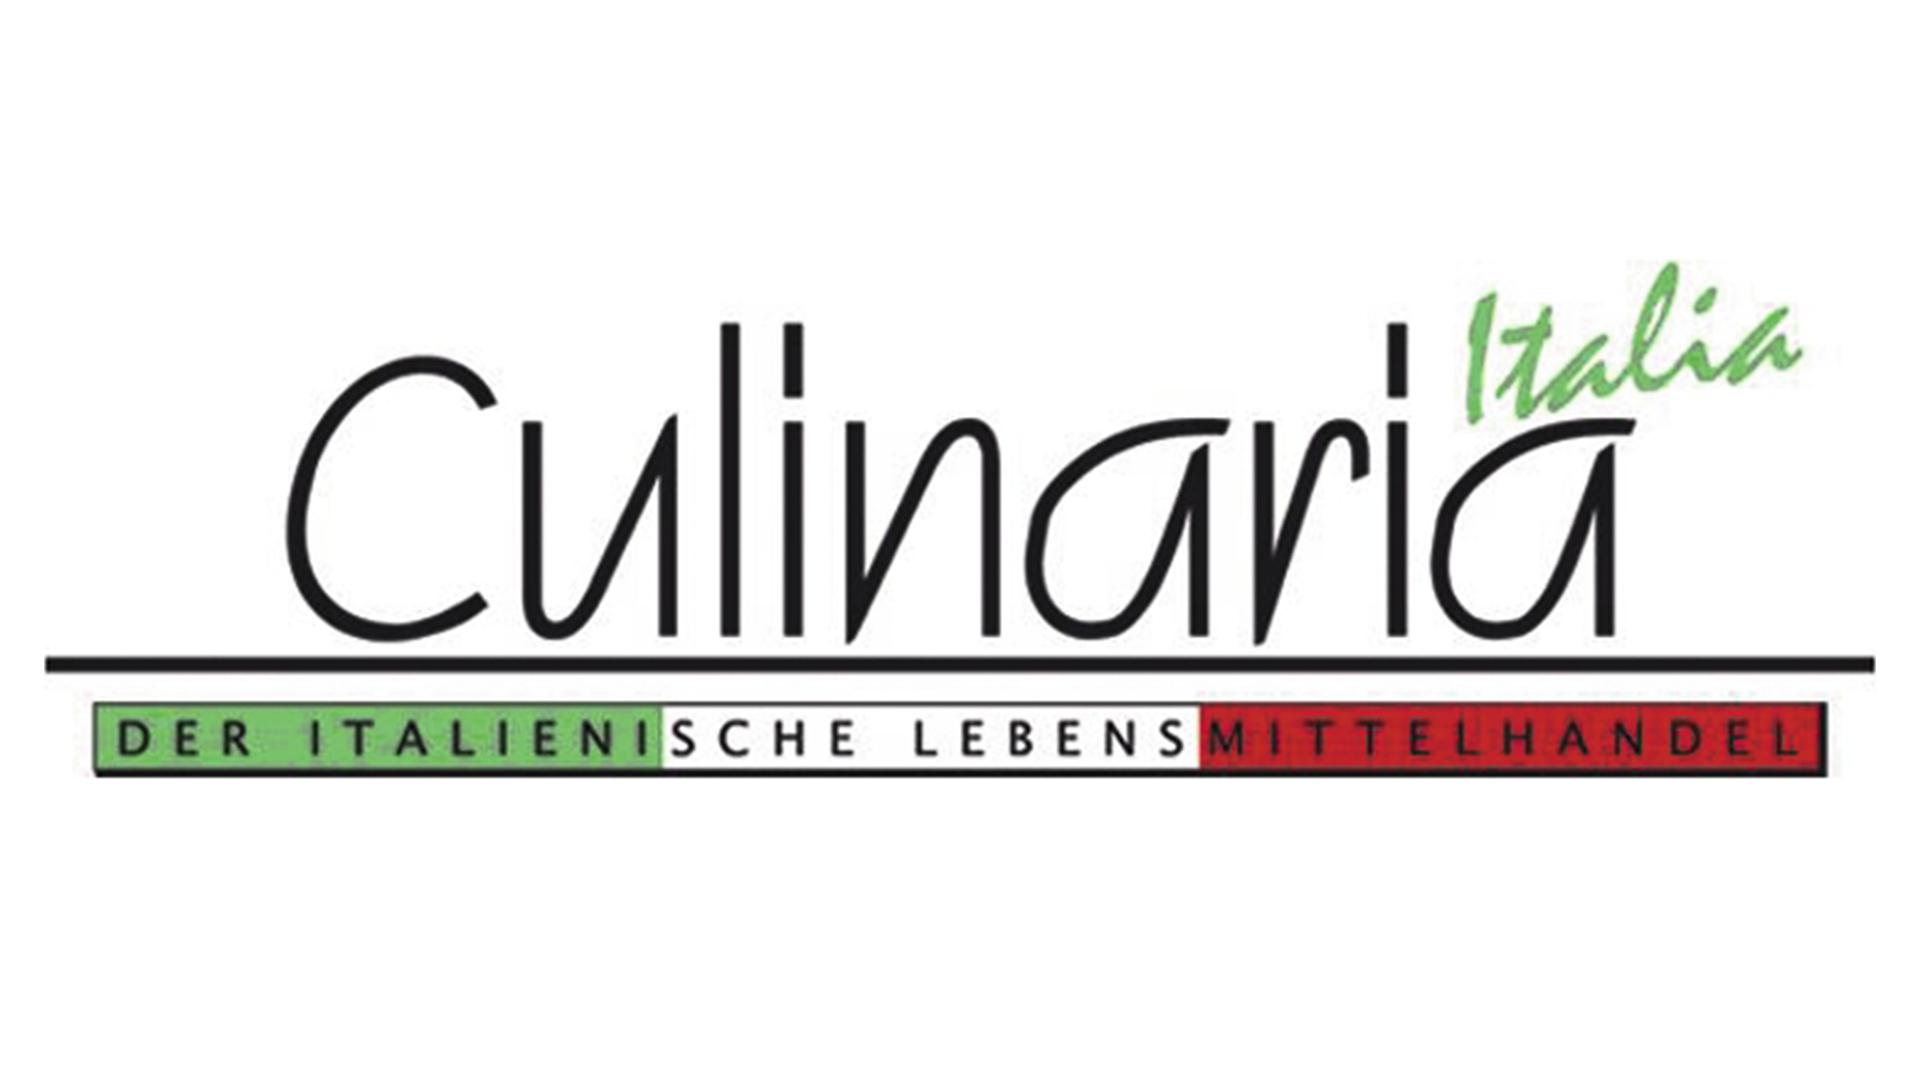 Culinaria-Logo-PNGDPsiBB8jZbW2d